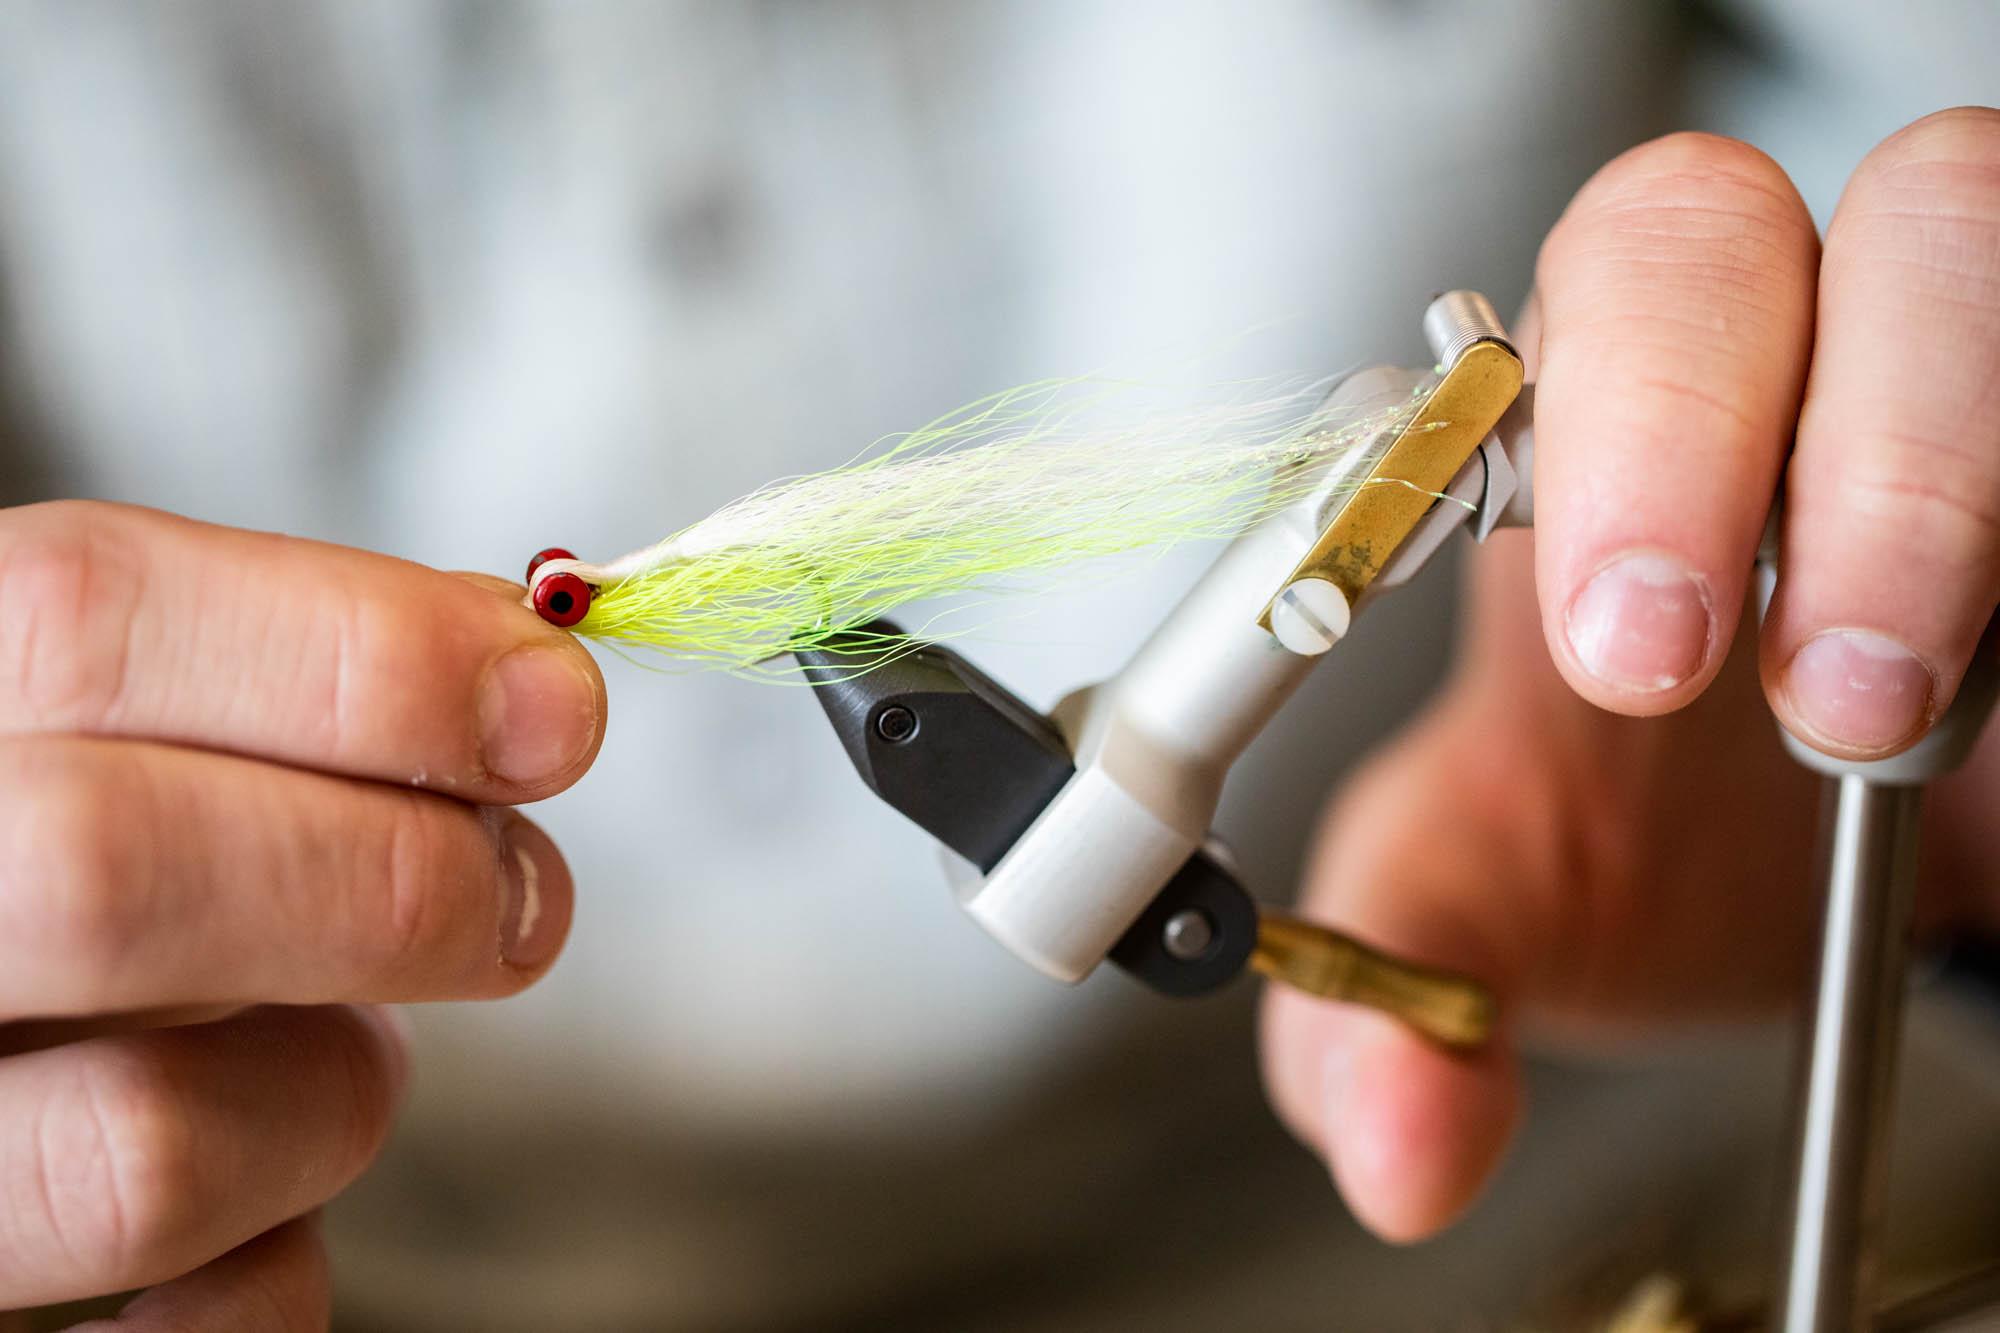 Fly tying midge thread flies 12 spools fly tying materials craft TOOLS